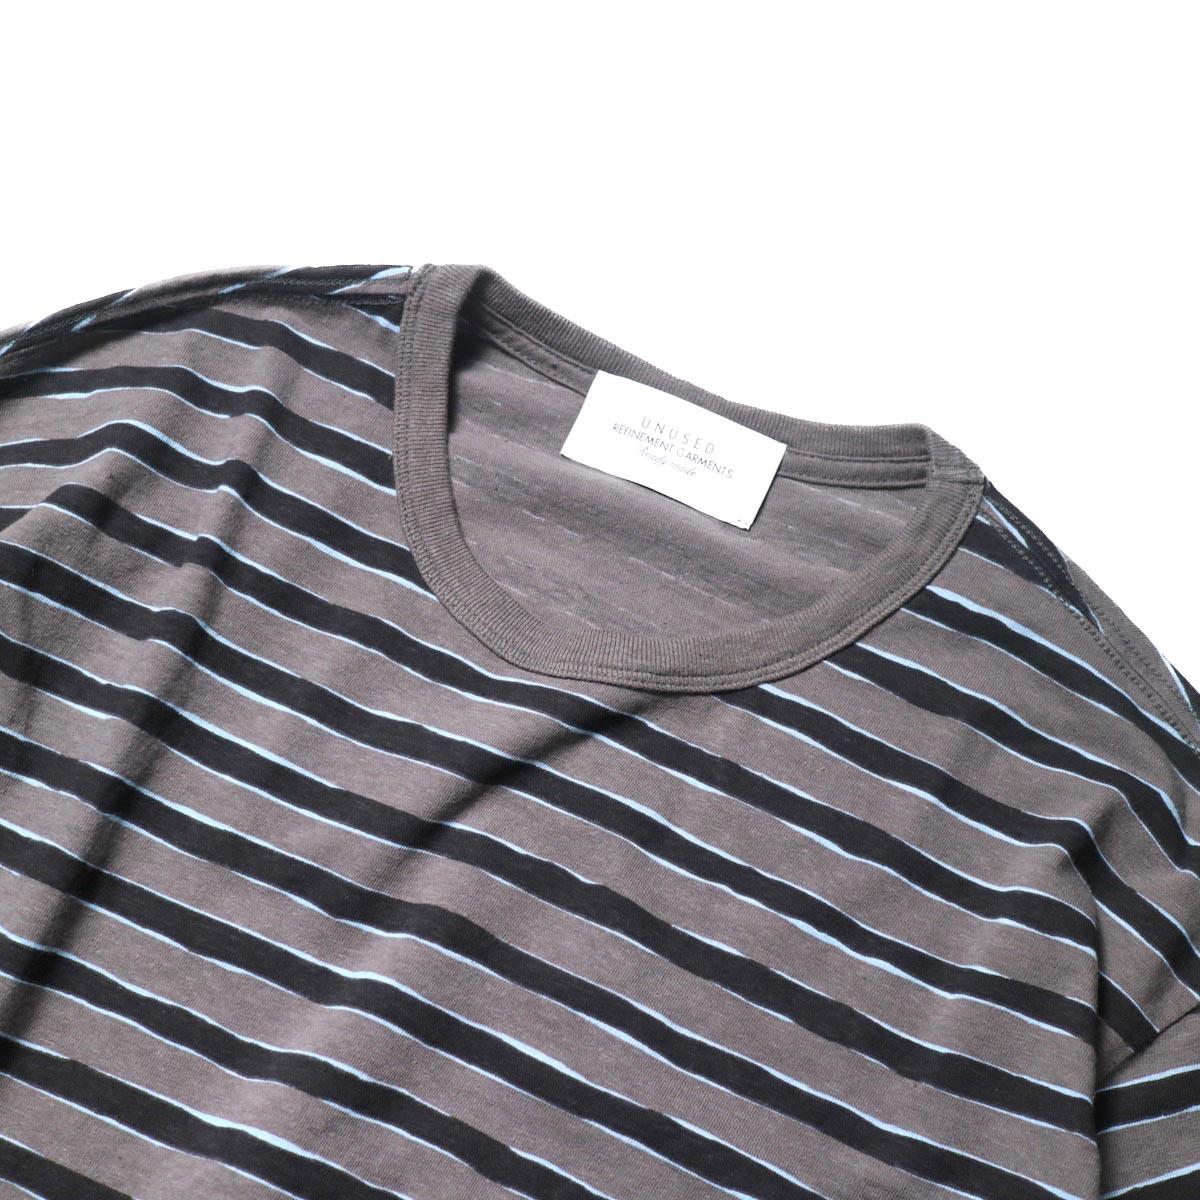 UNUSED / US2019 Border L/S Tee (Charcoal × Black)クルーネック